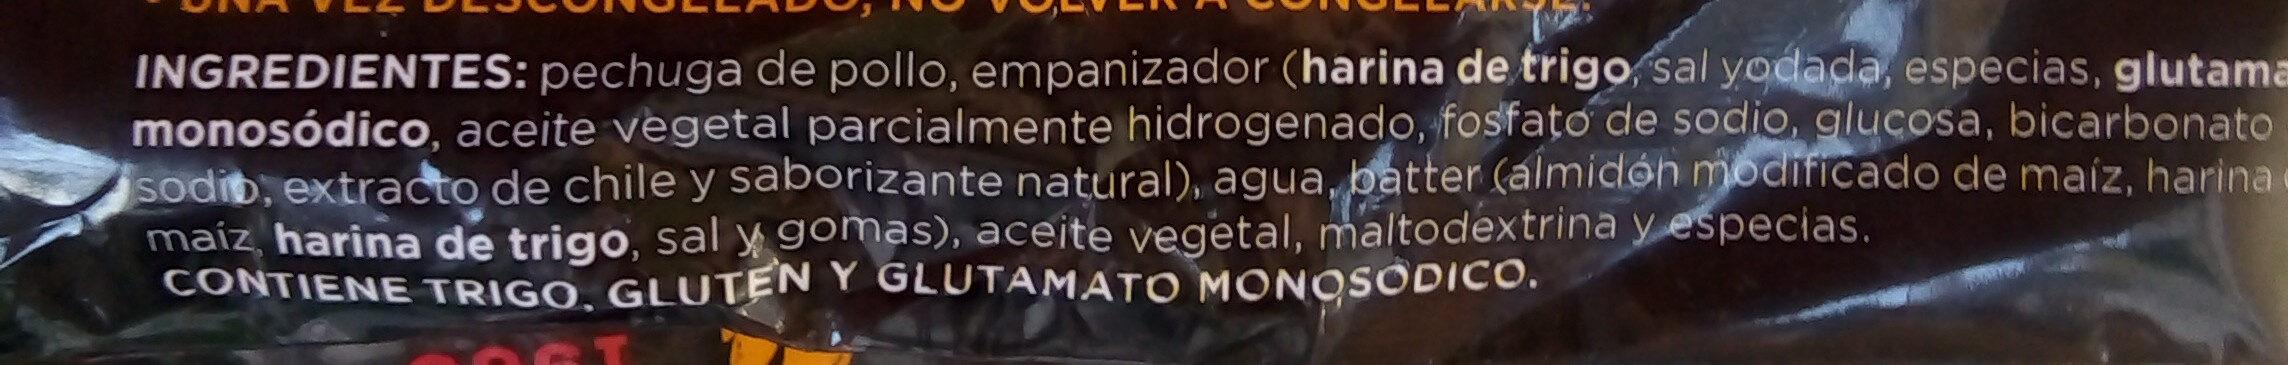 Trozos de pechuga empanizados y cocinados - Ingredientes - es